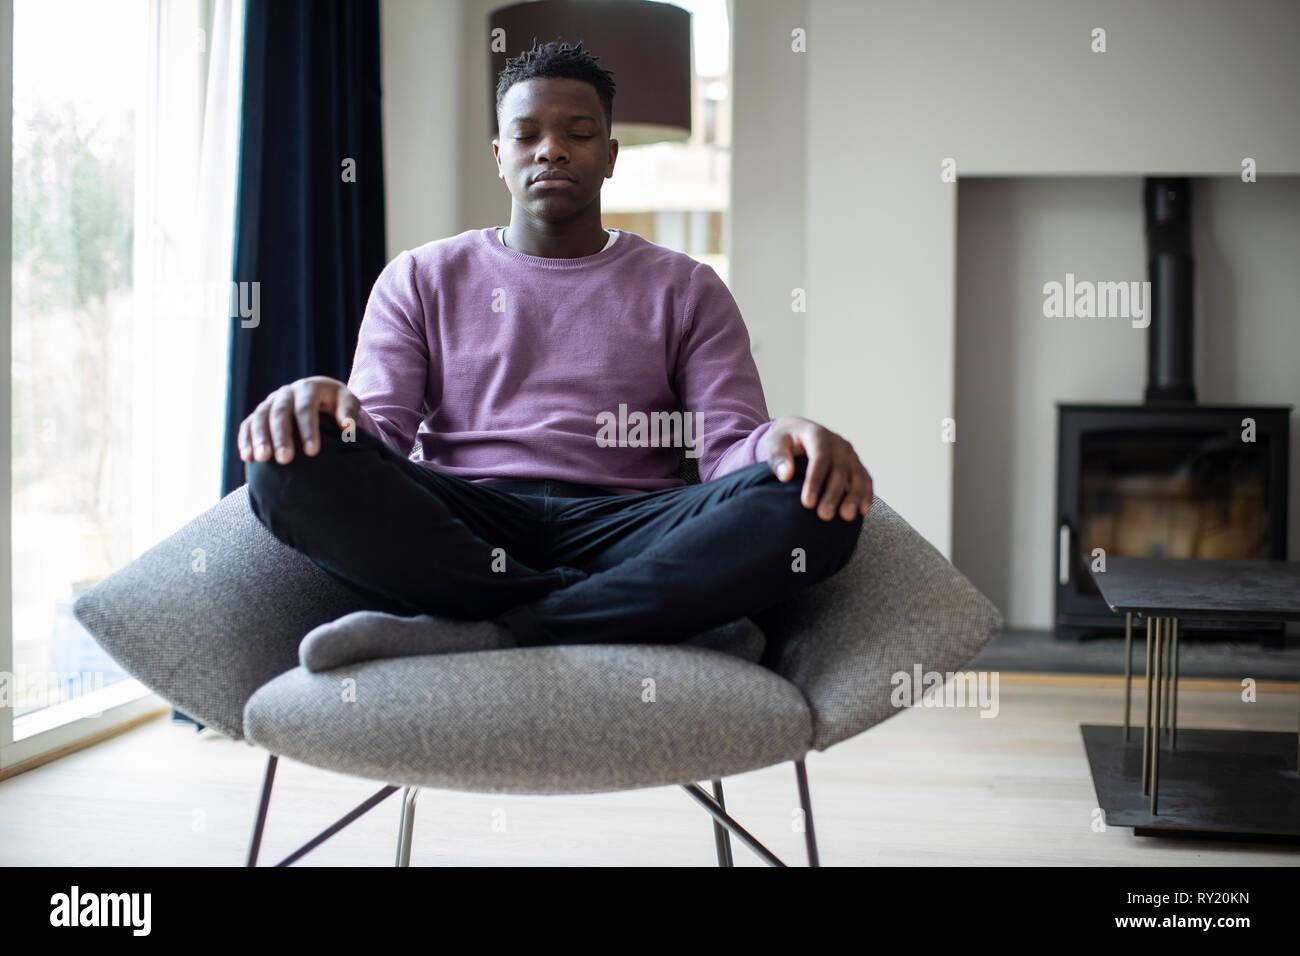 Cerca de pacíficos Adolescente meditando sentado en una silla en casa Imagen De Stock